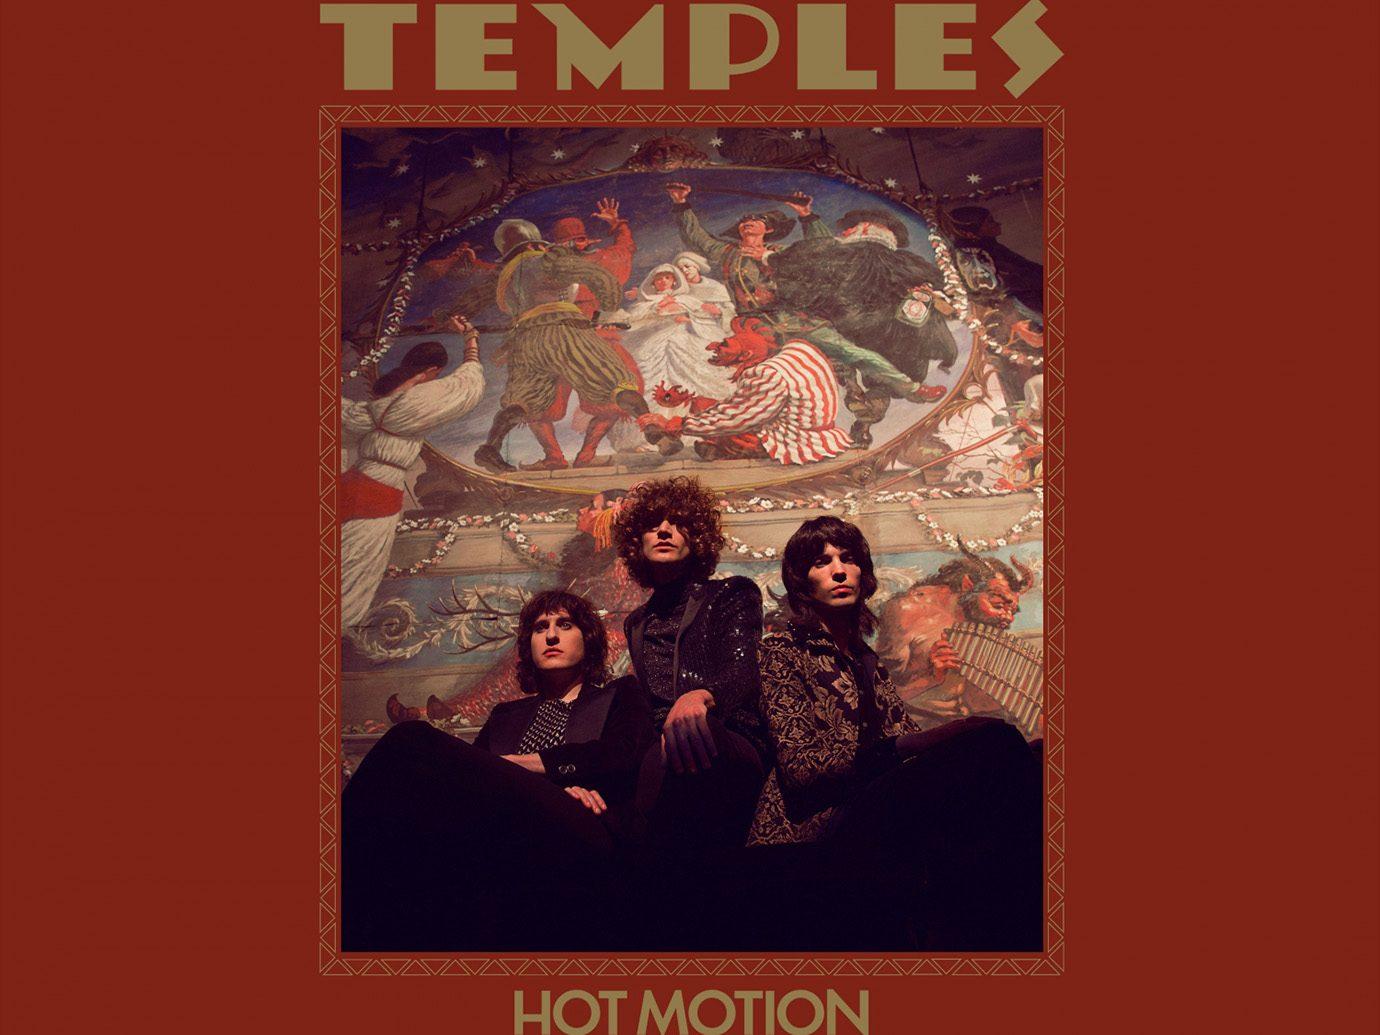 Album der Woche: Temples – Hot Motion